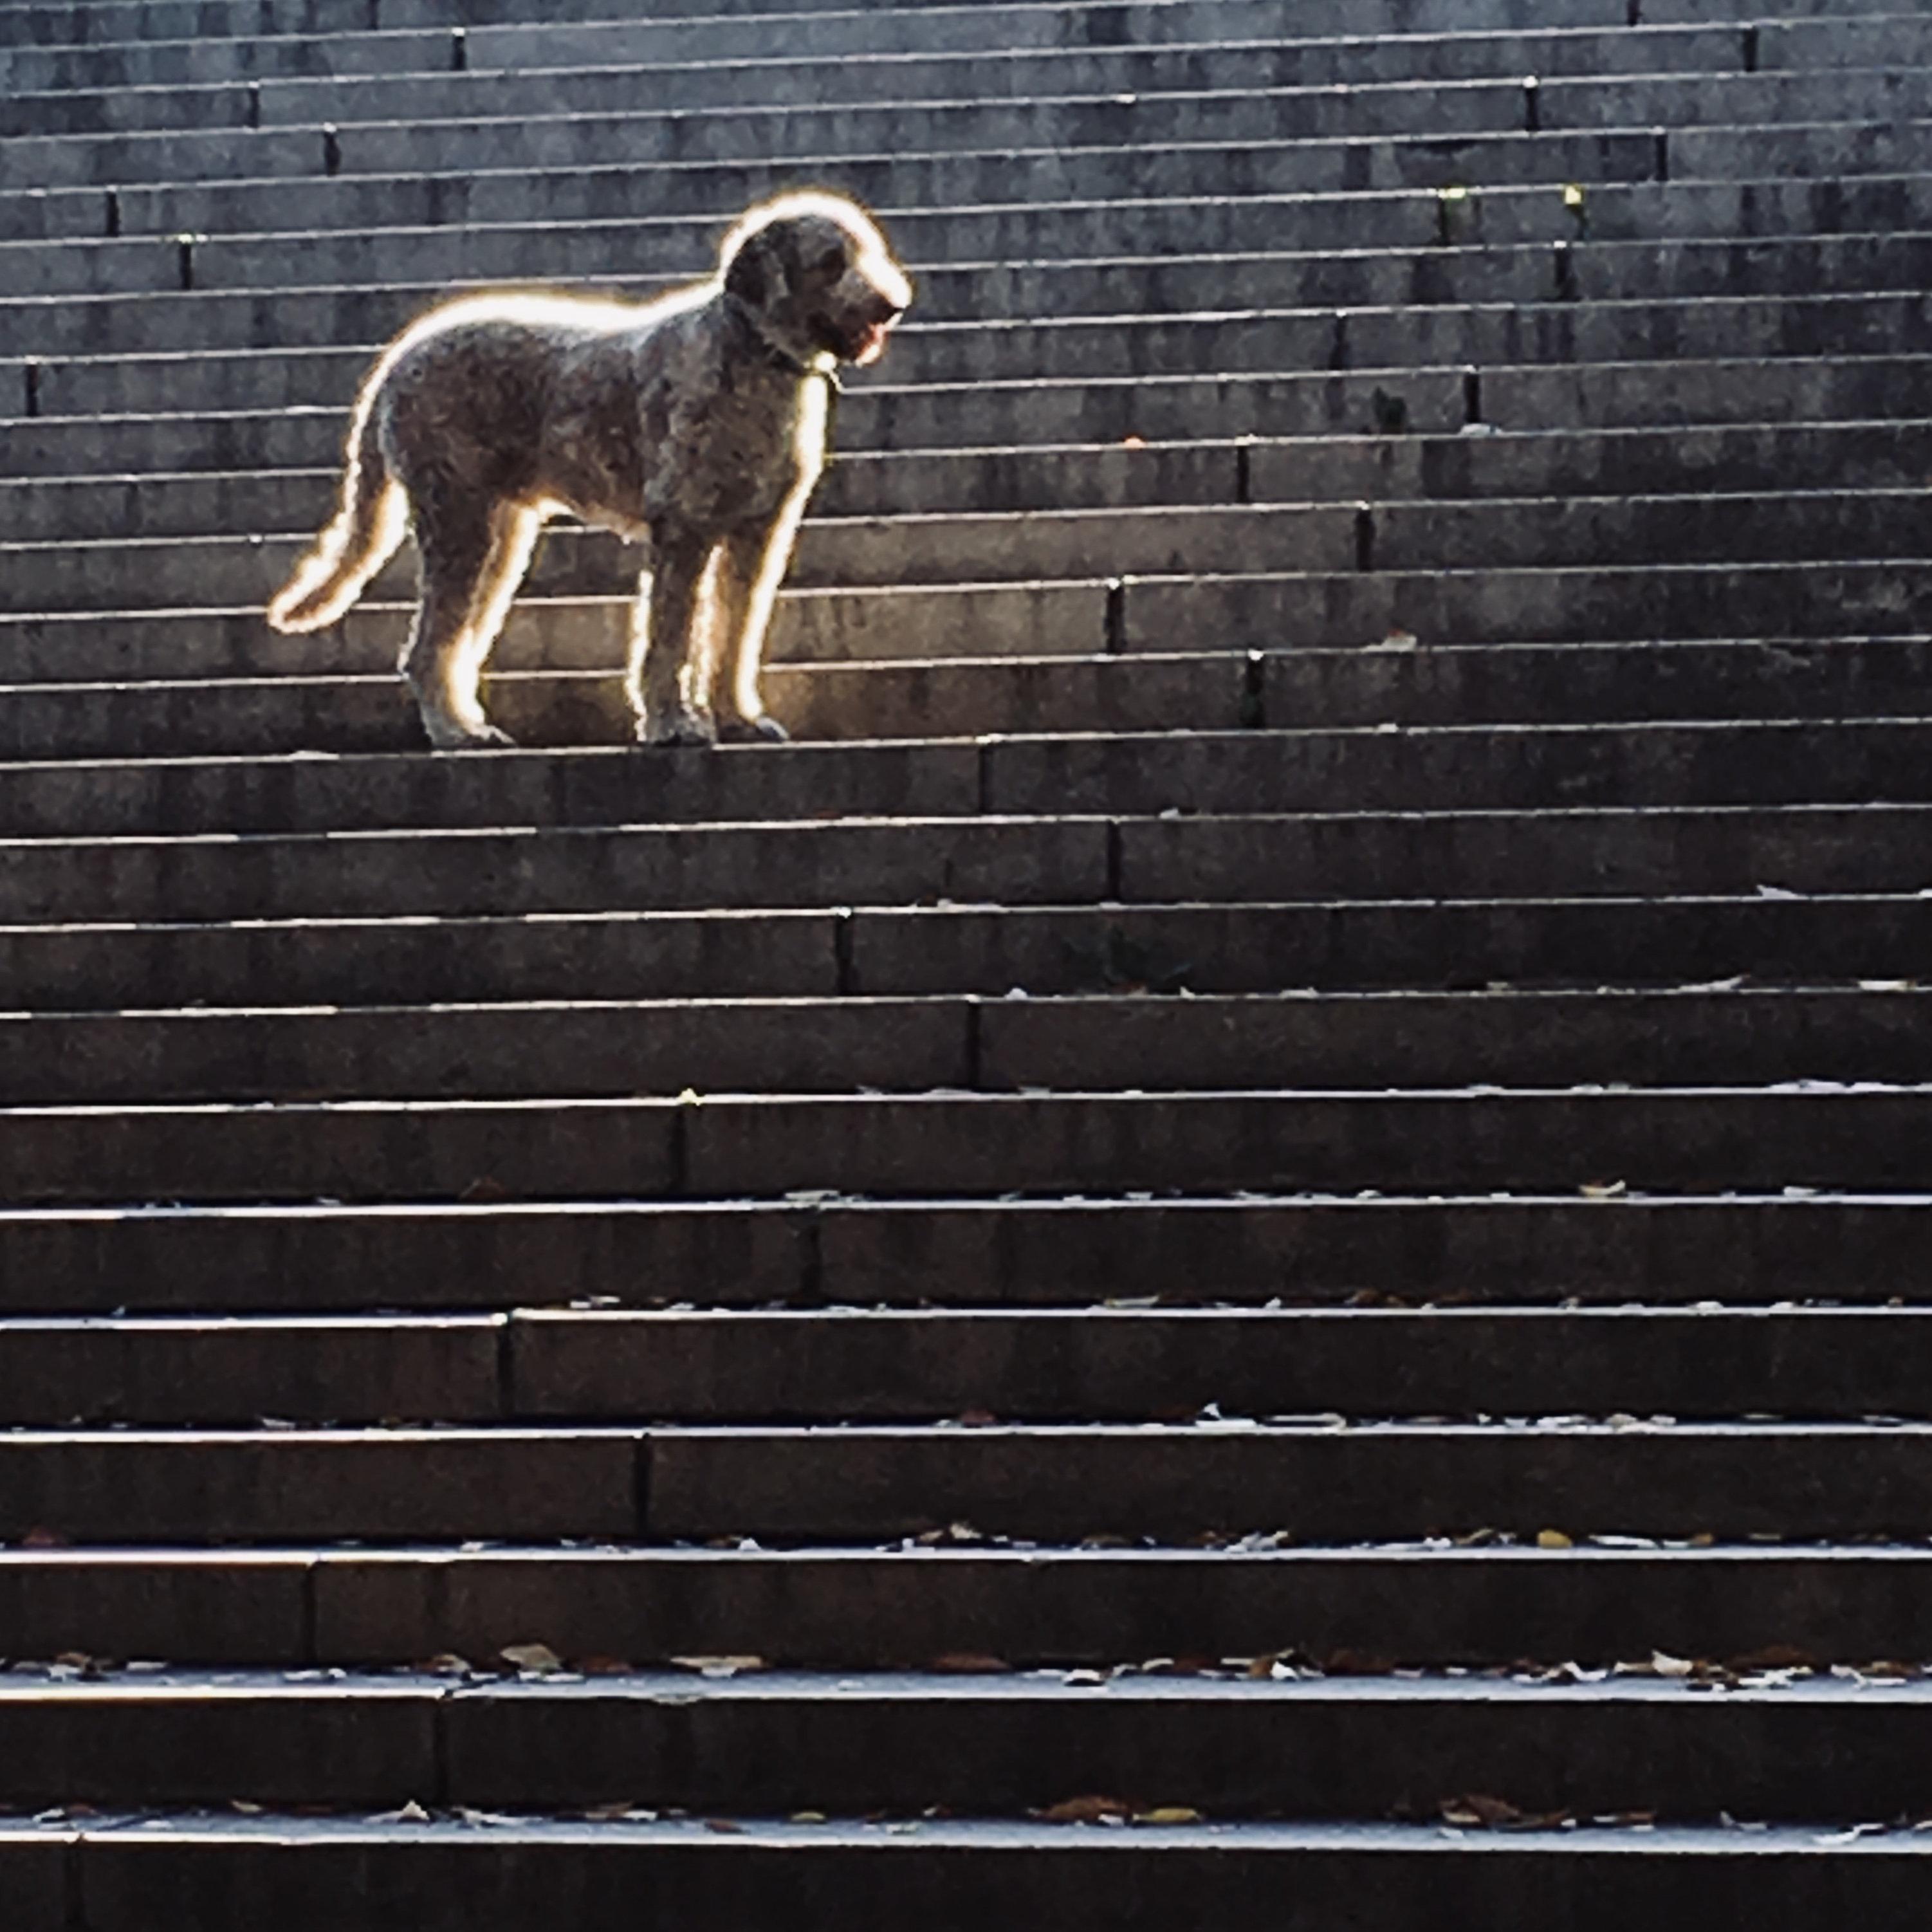 Νέα έρευνα αποδεικνύει πως οι σκύλοι ακολούθησαν τον άνθρωπο από τα πρώτα του βήματα στη